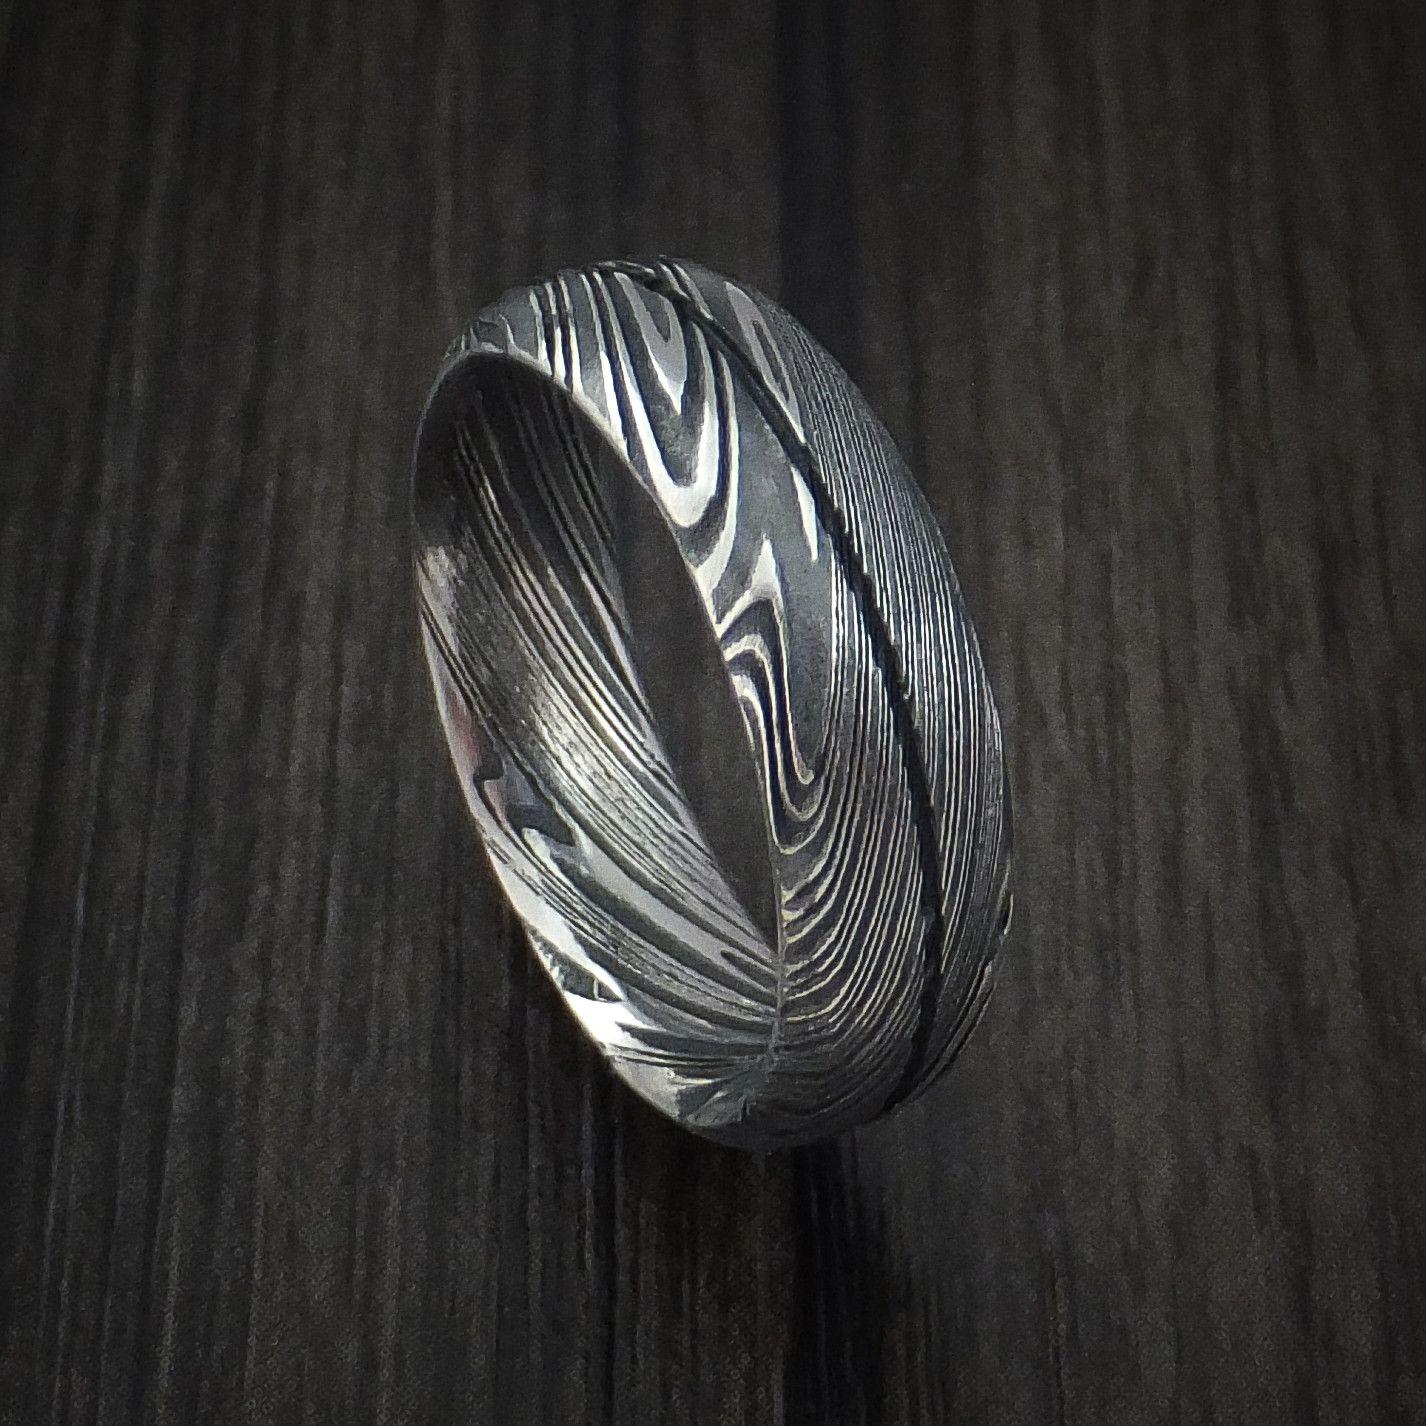 damascus steel wedding bands Kuro Damascus Steel Ring Wedding Band Genuine Craftsmanship